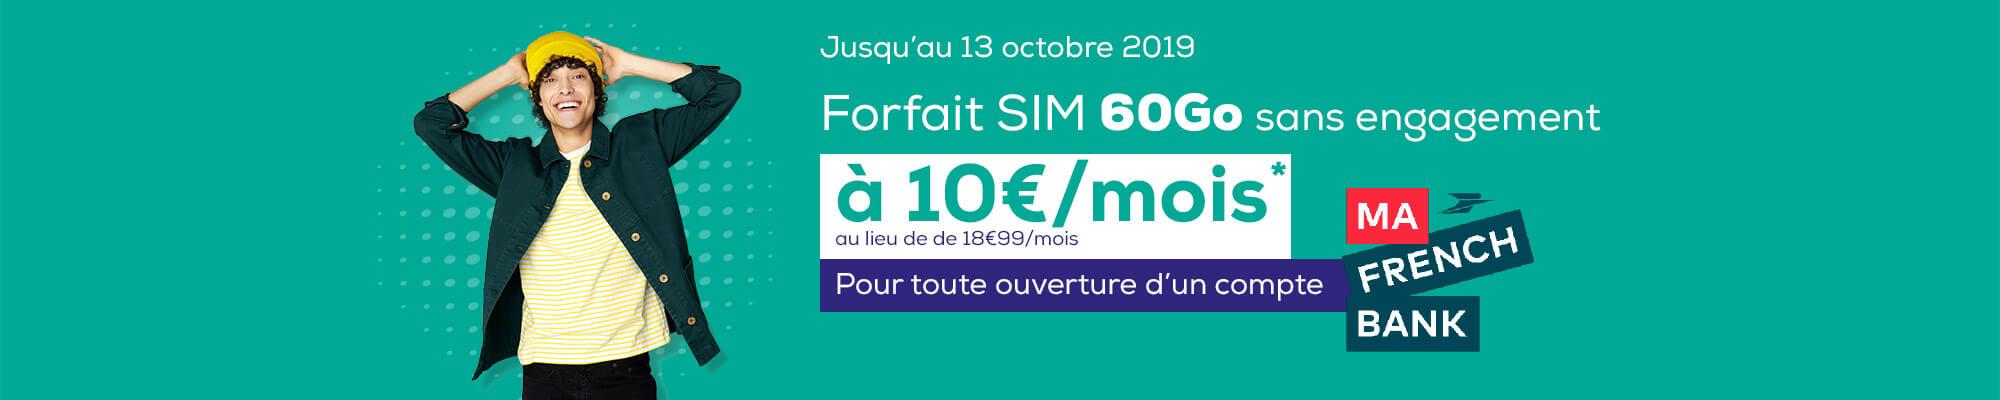 Profitez du forfait mobile 60Go en 4G/4G+ sans engagement à 10 euros par mois avec un compte Ma French Bank